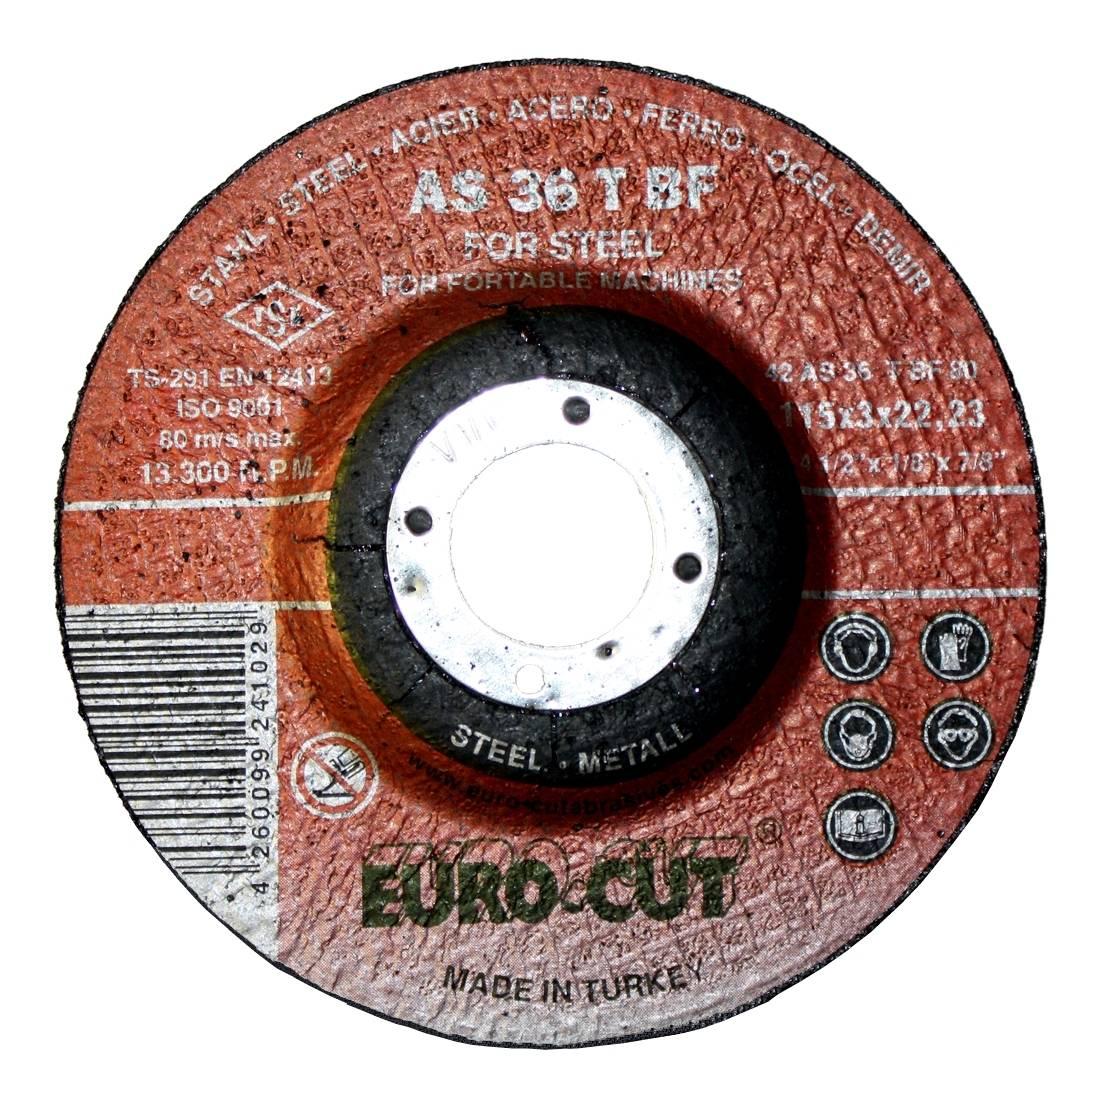 Metall-Trennscheibe 'Euro Cut' 125 x 22,2 x 2,5 mm, gekröpft